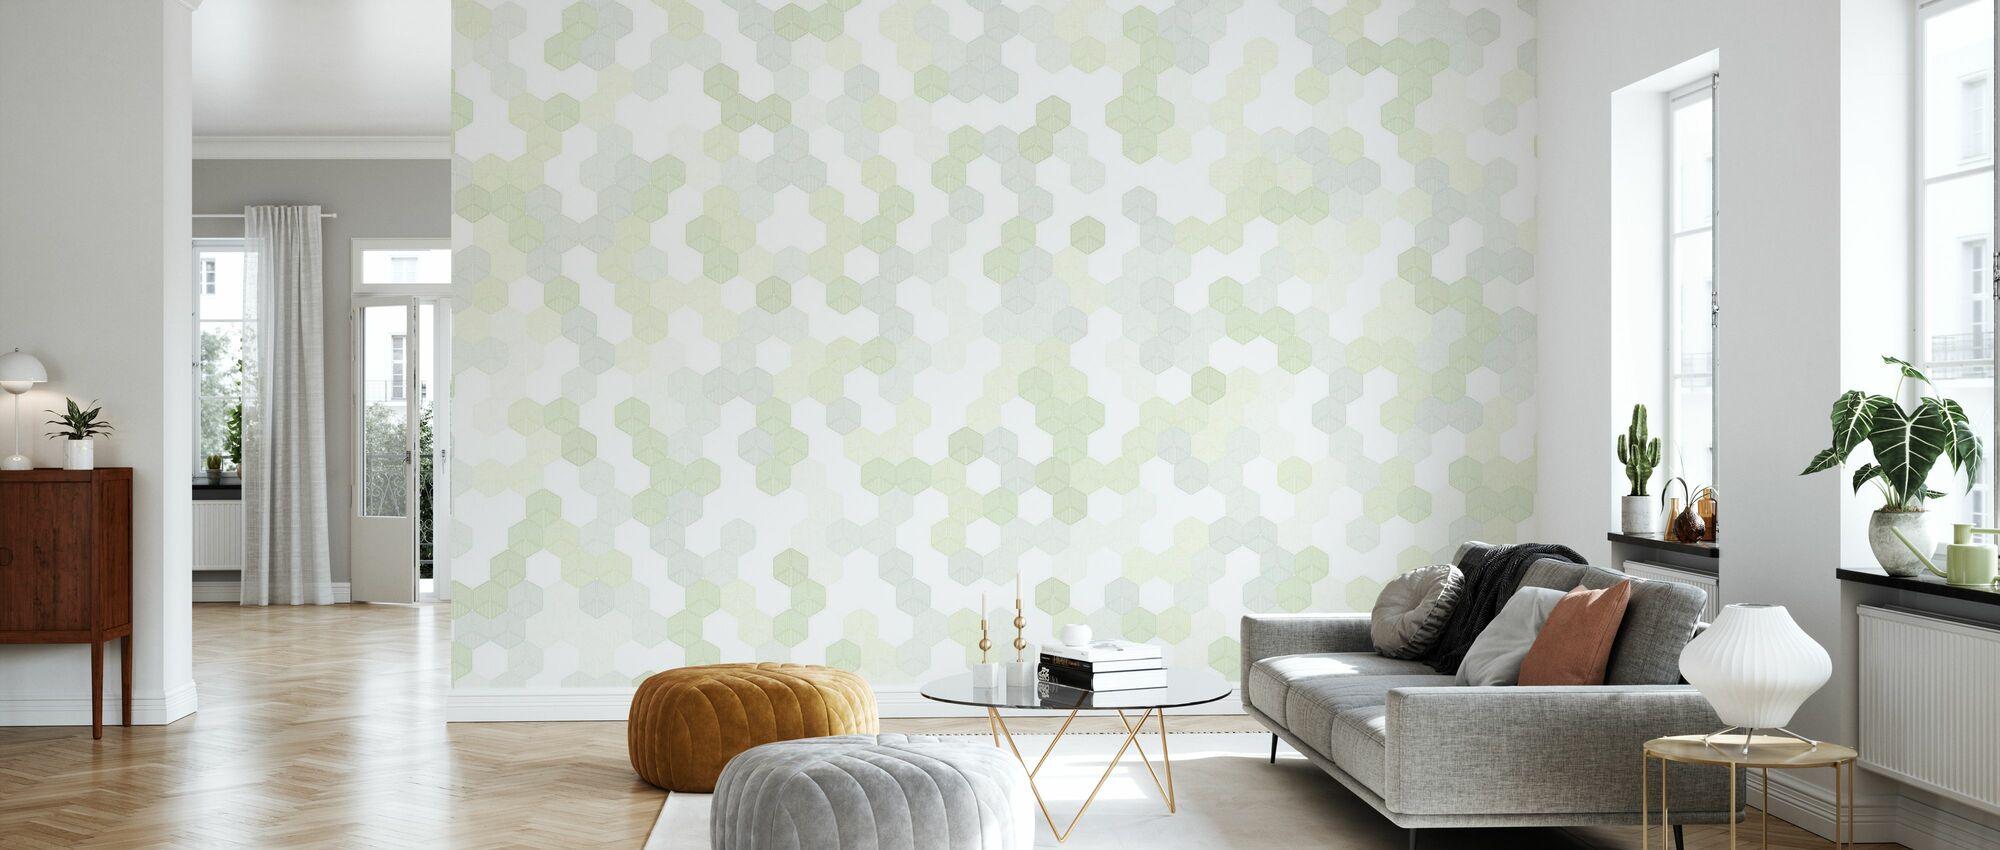 Hexagon - Grün - Tapete - Wohnzimmer